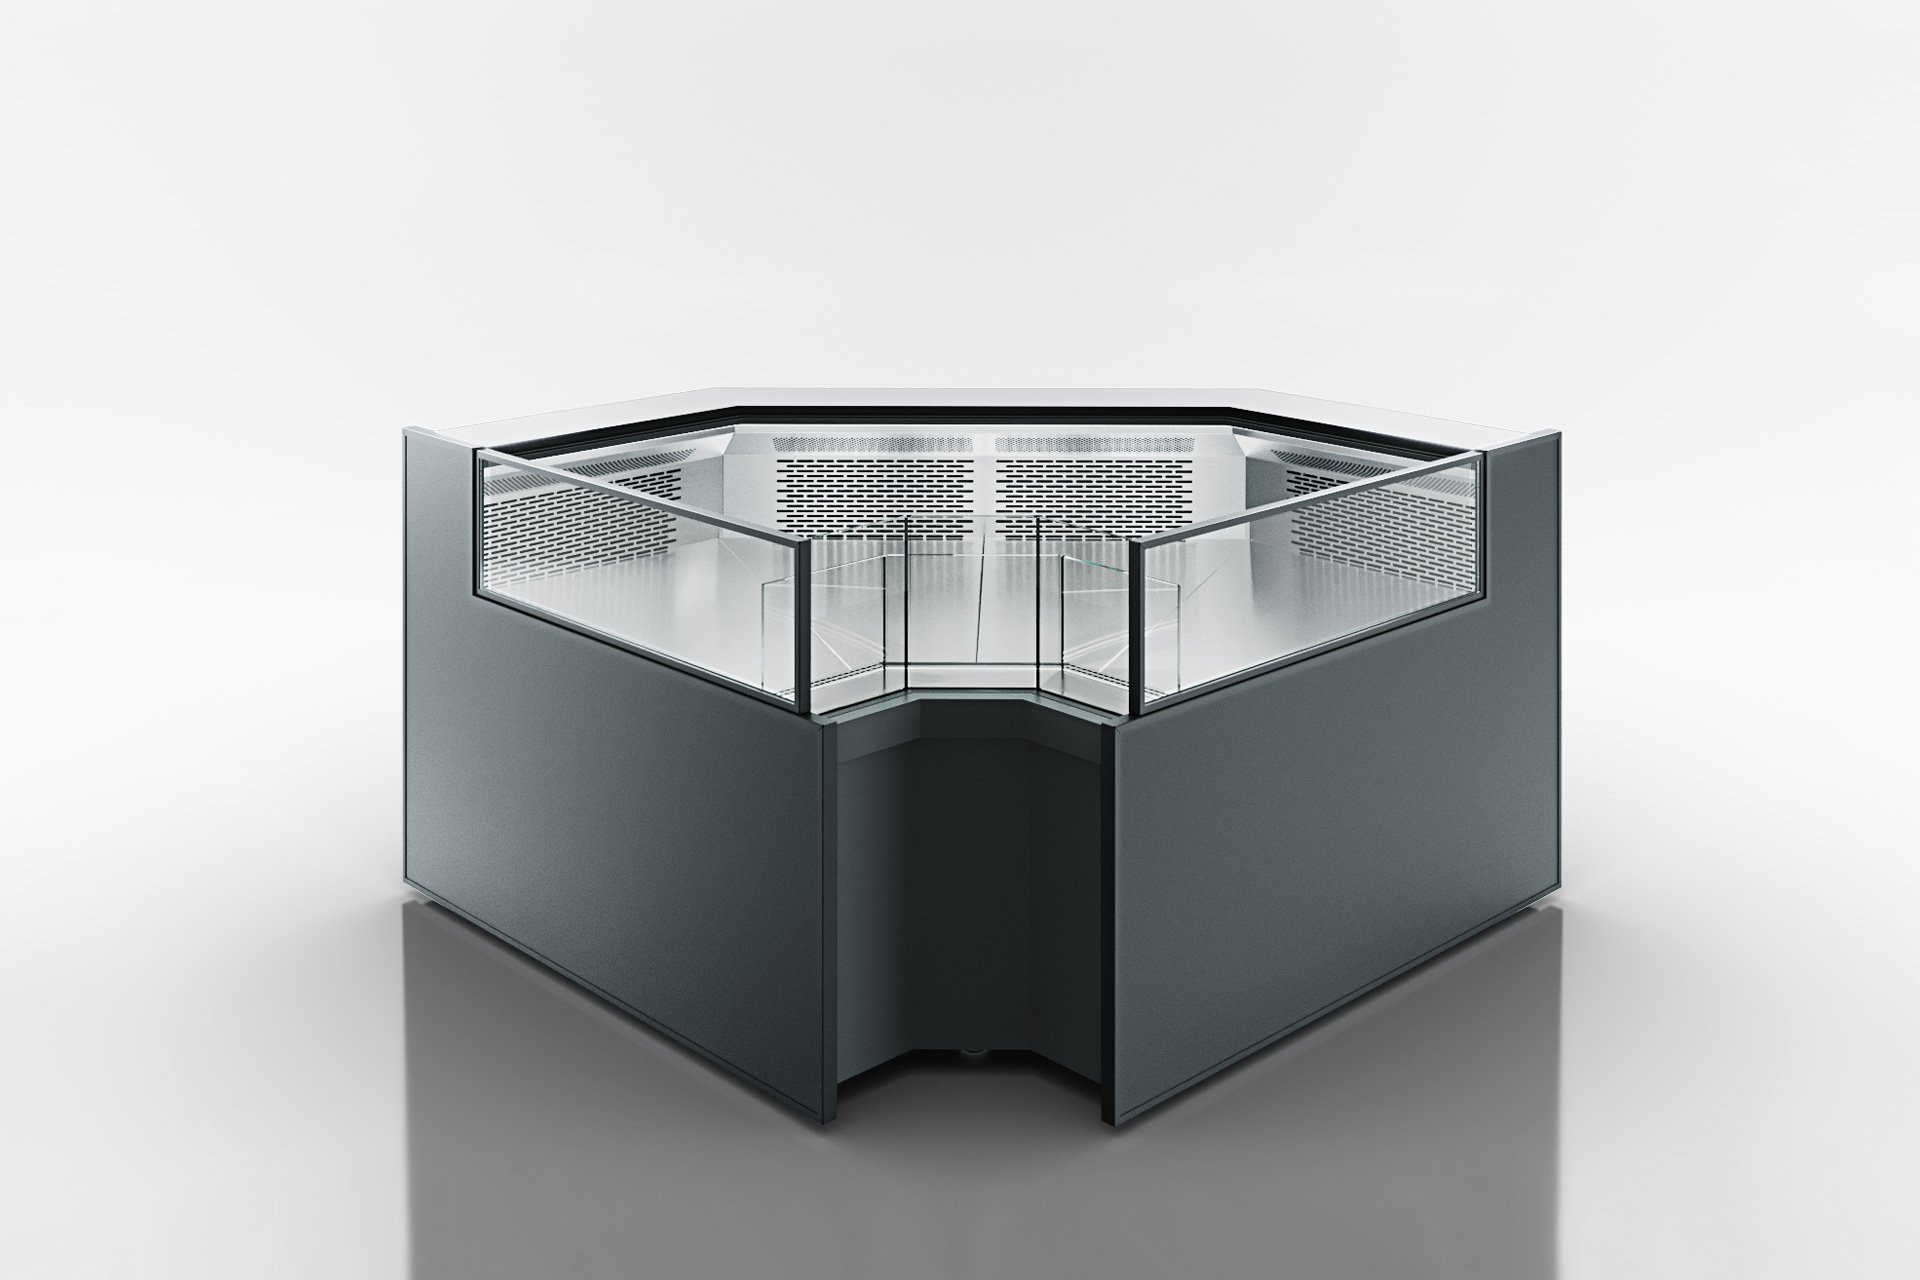 Eckelemente der Kühlfenstern Missouri MC 120 deli self 086-DLM-IS90